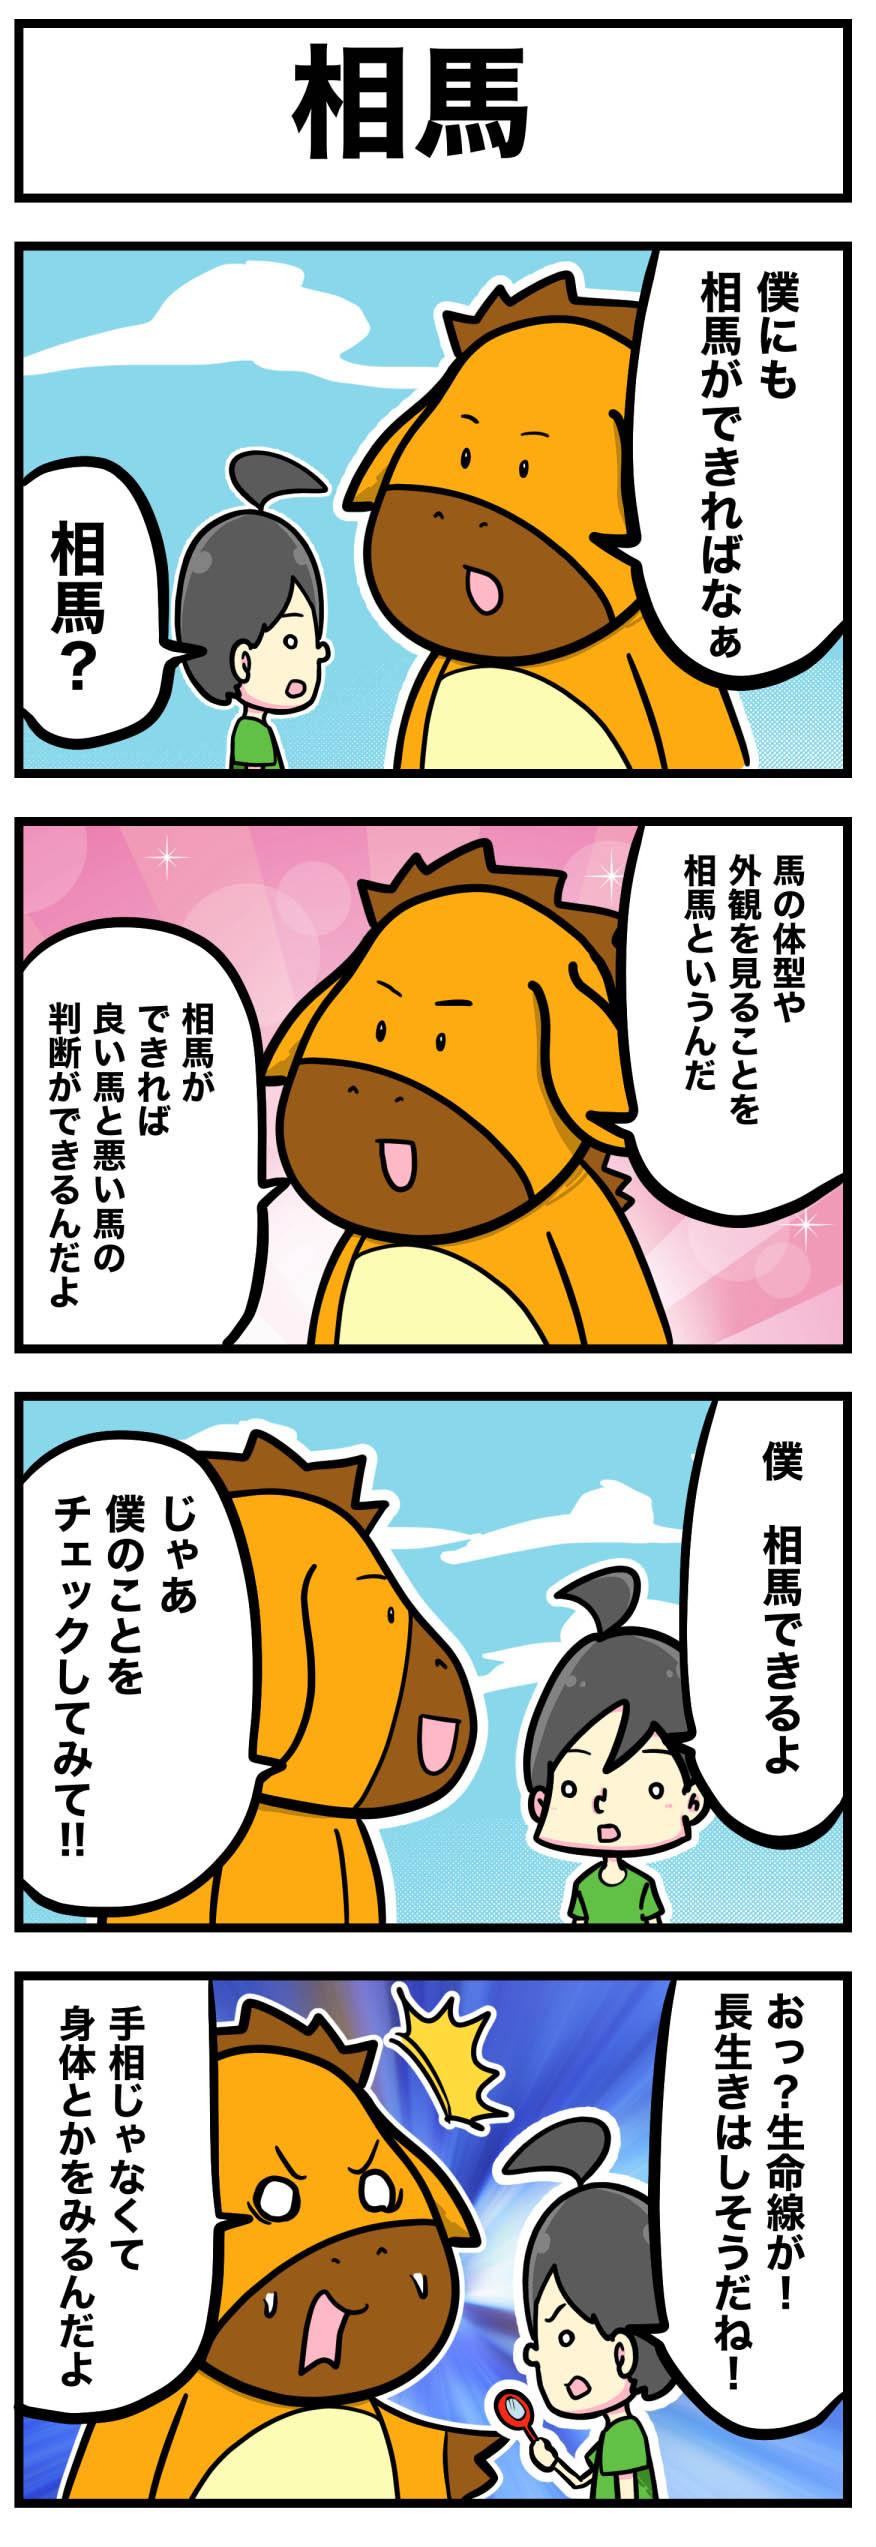 相馬【うま吉の鉄板穴馬マンガ】